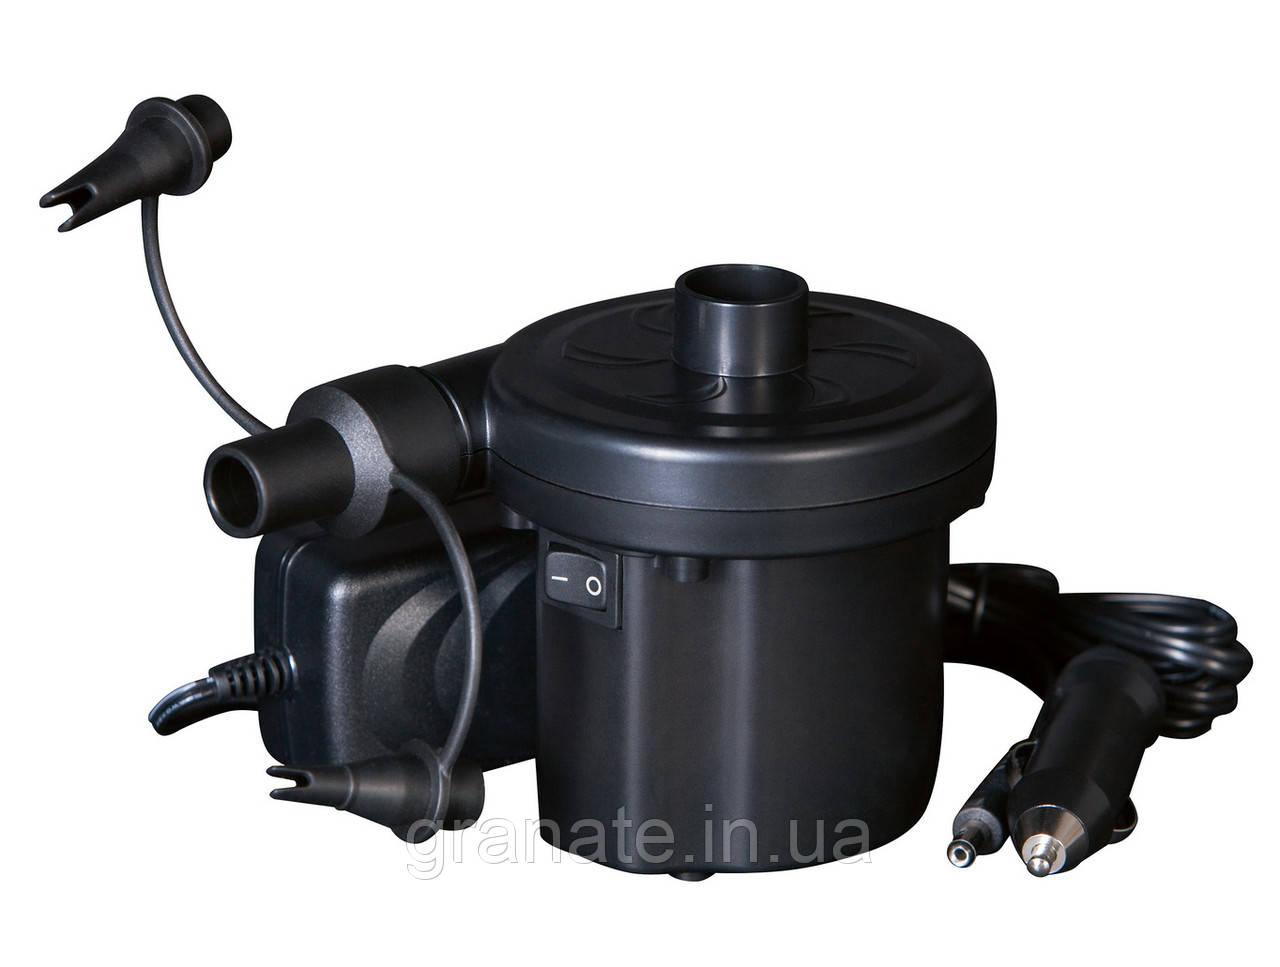 Насос электрический для надувных изделий 220 V12V